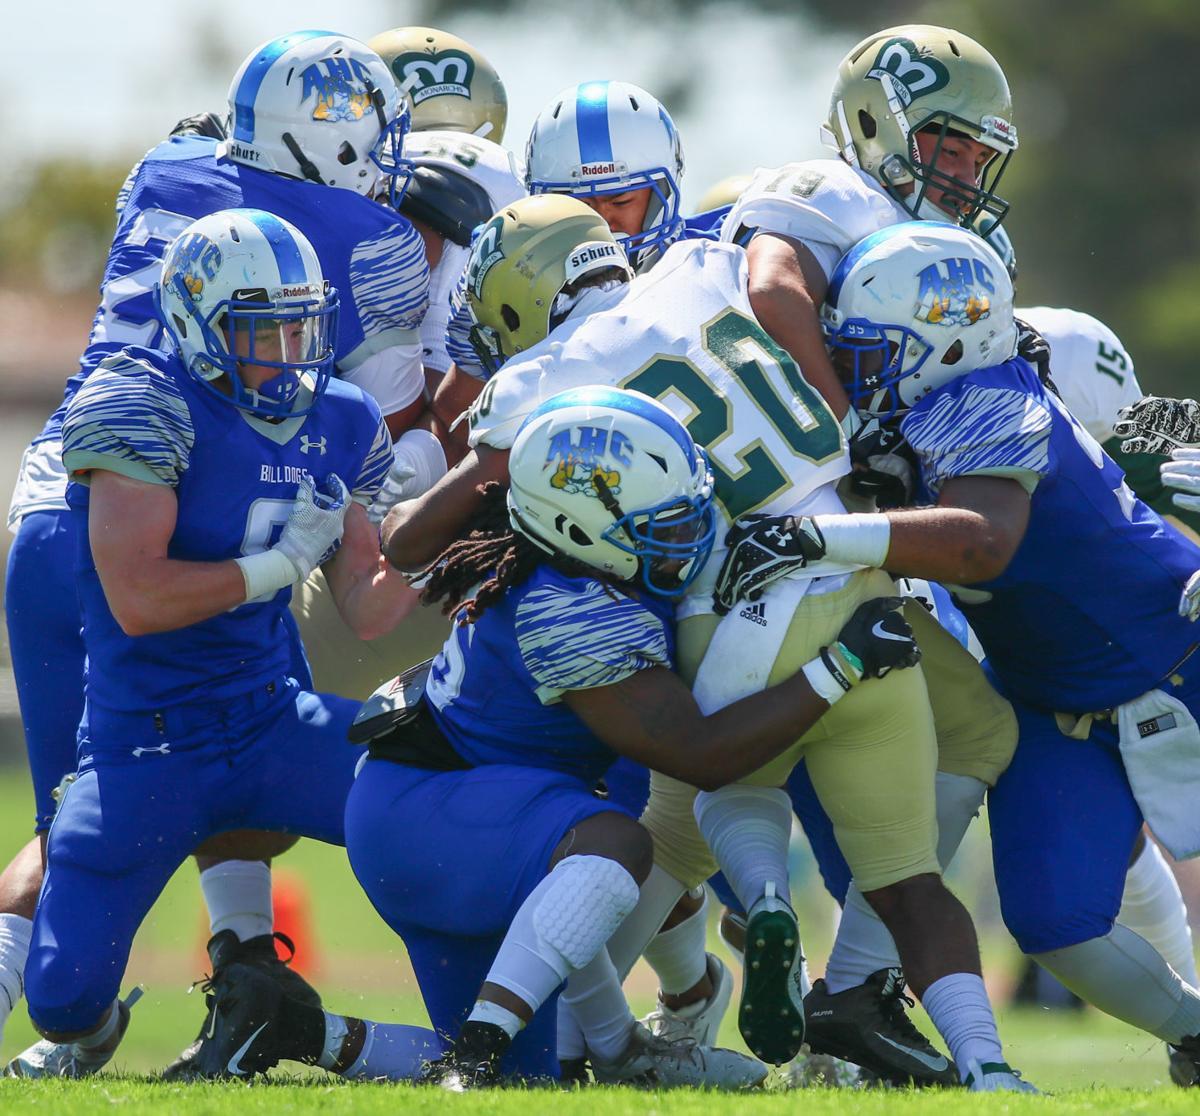 091419 Hancock vs LA Valley Football 04.jpg